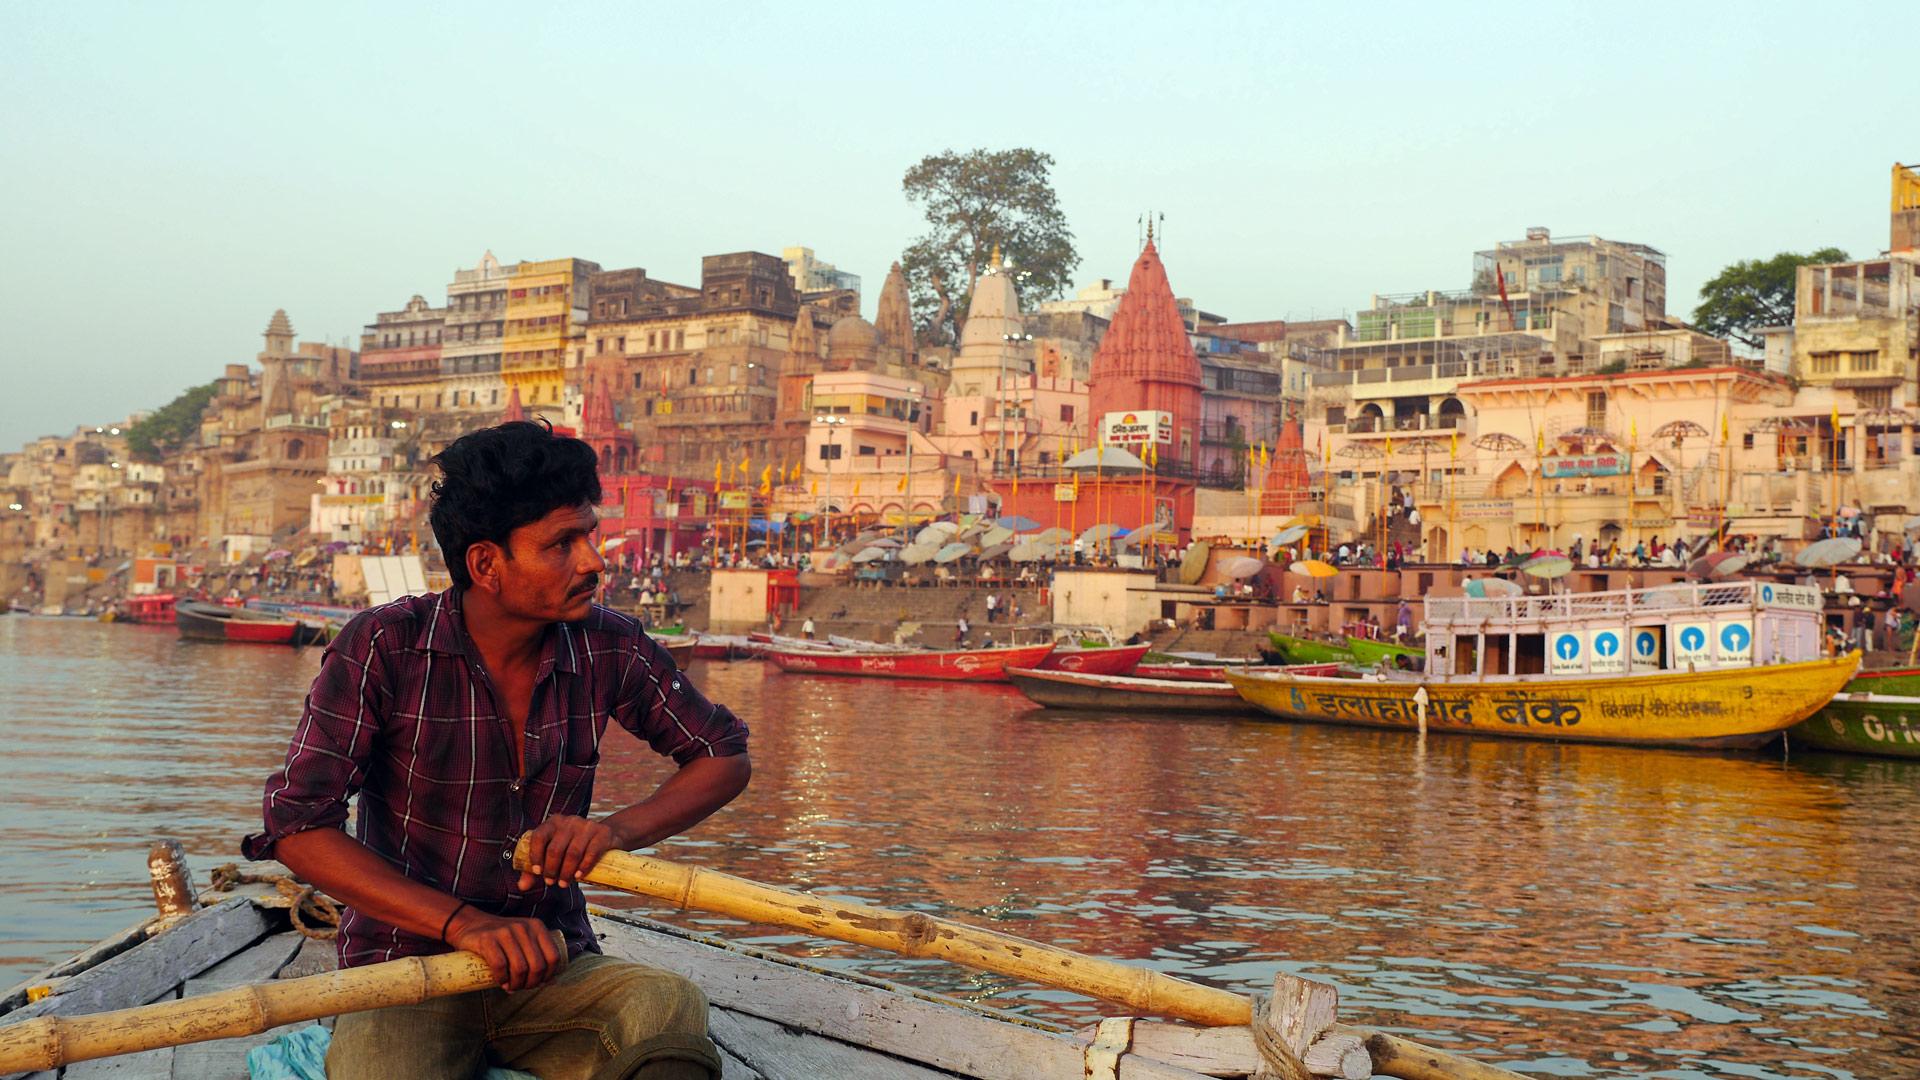 Inde_07_Varanasi_Latitudes-Vagabondes